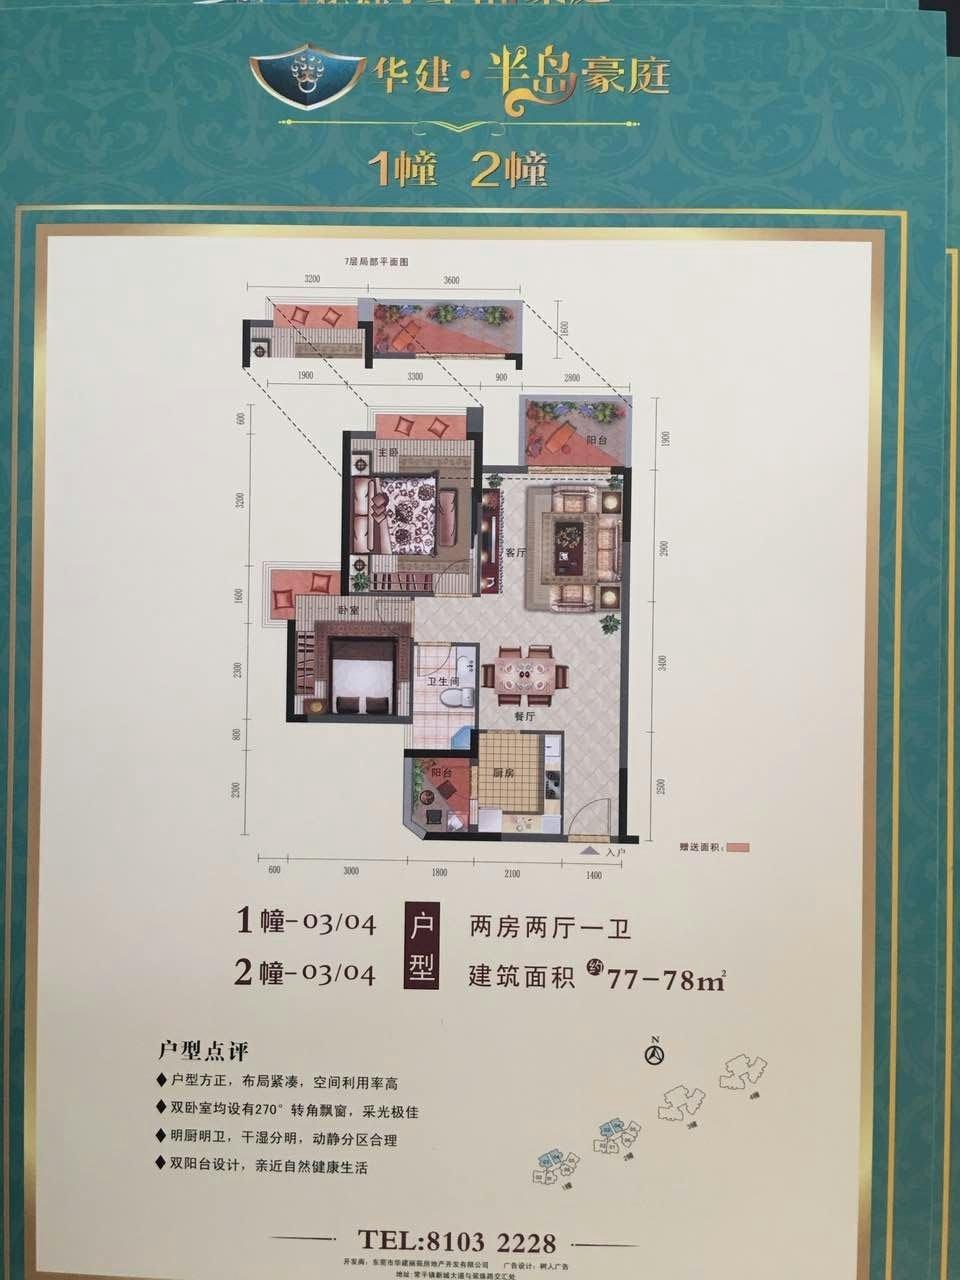 东莞二手房 常平二手房 常黄路二手房 >华建半岛豪庭   总价:86万